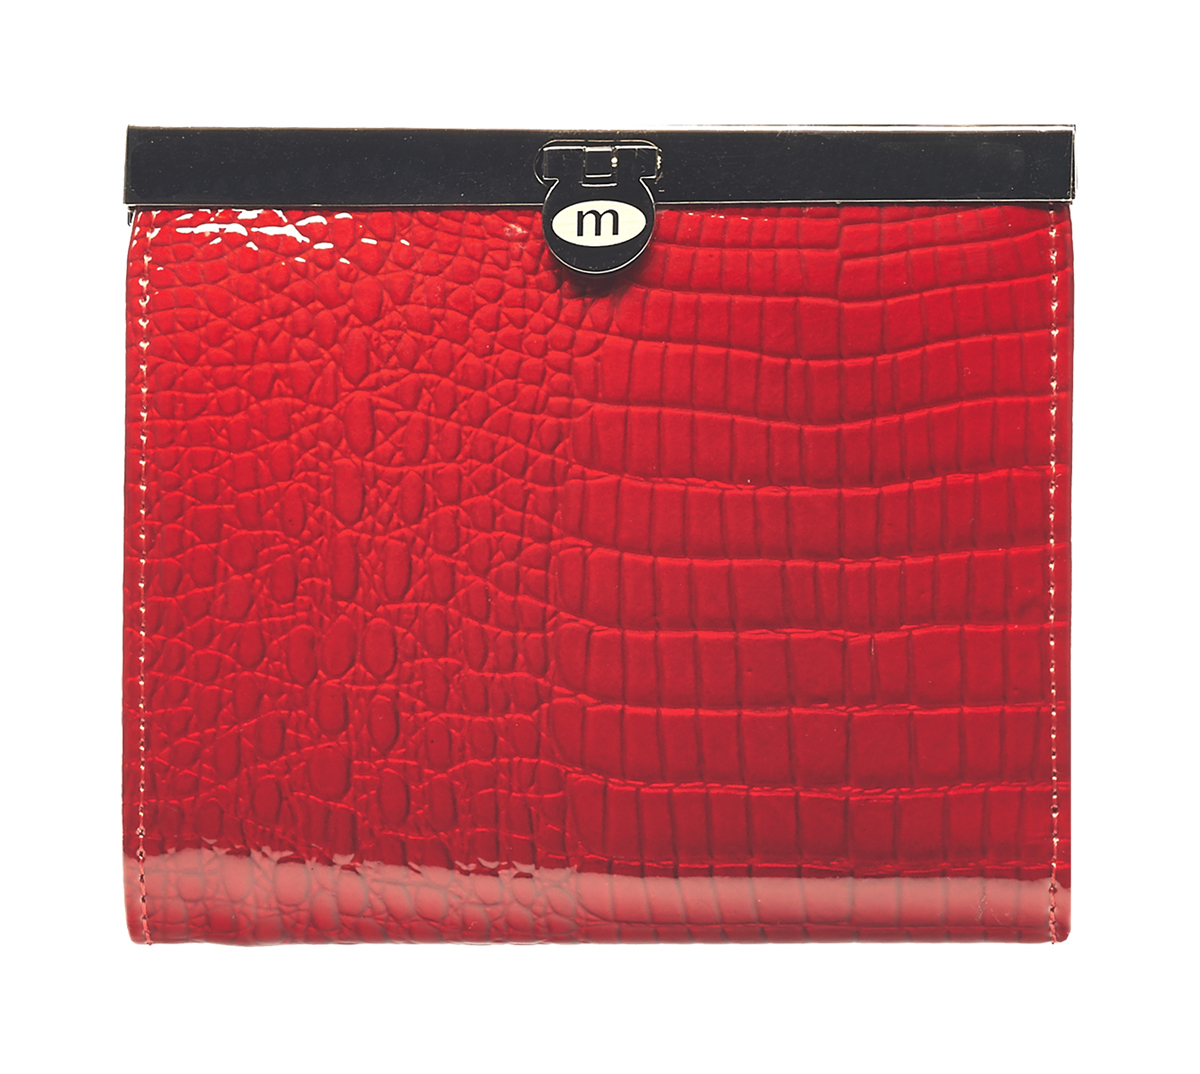 Кошелек женский Malgrado, цвет: красный. 44009-44BM8434-58AEСтильный кошелек Malgrado изготовлен из натуральной кожи красного цвета с декоративным тиснением под рептилию. Внутри содержит три основных отделения, одно из которых на молнии, отделение для мелочи, которое расположено внутри кошелька и закрывается на кнопку. В кошельке есть три кармашка для карточек, визиток, кредиток, два прозрачных кармашка, в которые можно положить пропуск, проездной билет или фотографию. Так же есть дополнительное небольшое отделение под кармашком для монет. Закрывается кошелек на небольшой металлический замочек.Кошелек упакован в коробку из плотного картона с логотипом фирмы. Такой кошелек станет замечательным подарком человеку, ценящему качественные и практичные вещи. Характеристики:Материал: натуральная кожа, текстиль, металл. Размер кошелька: 11 см х 9,5 см х 2 см. Цвет: красный. Размер упаковки: 12,5 см х 11 см х 3,5 см. Артикул: 44009-44.